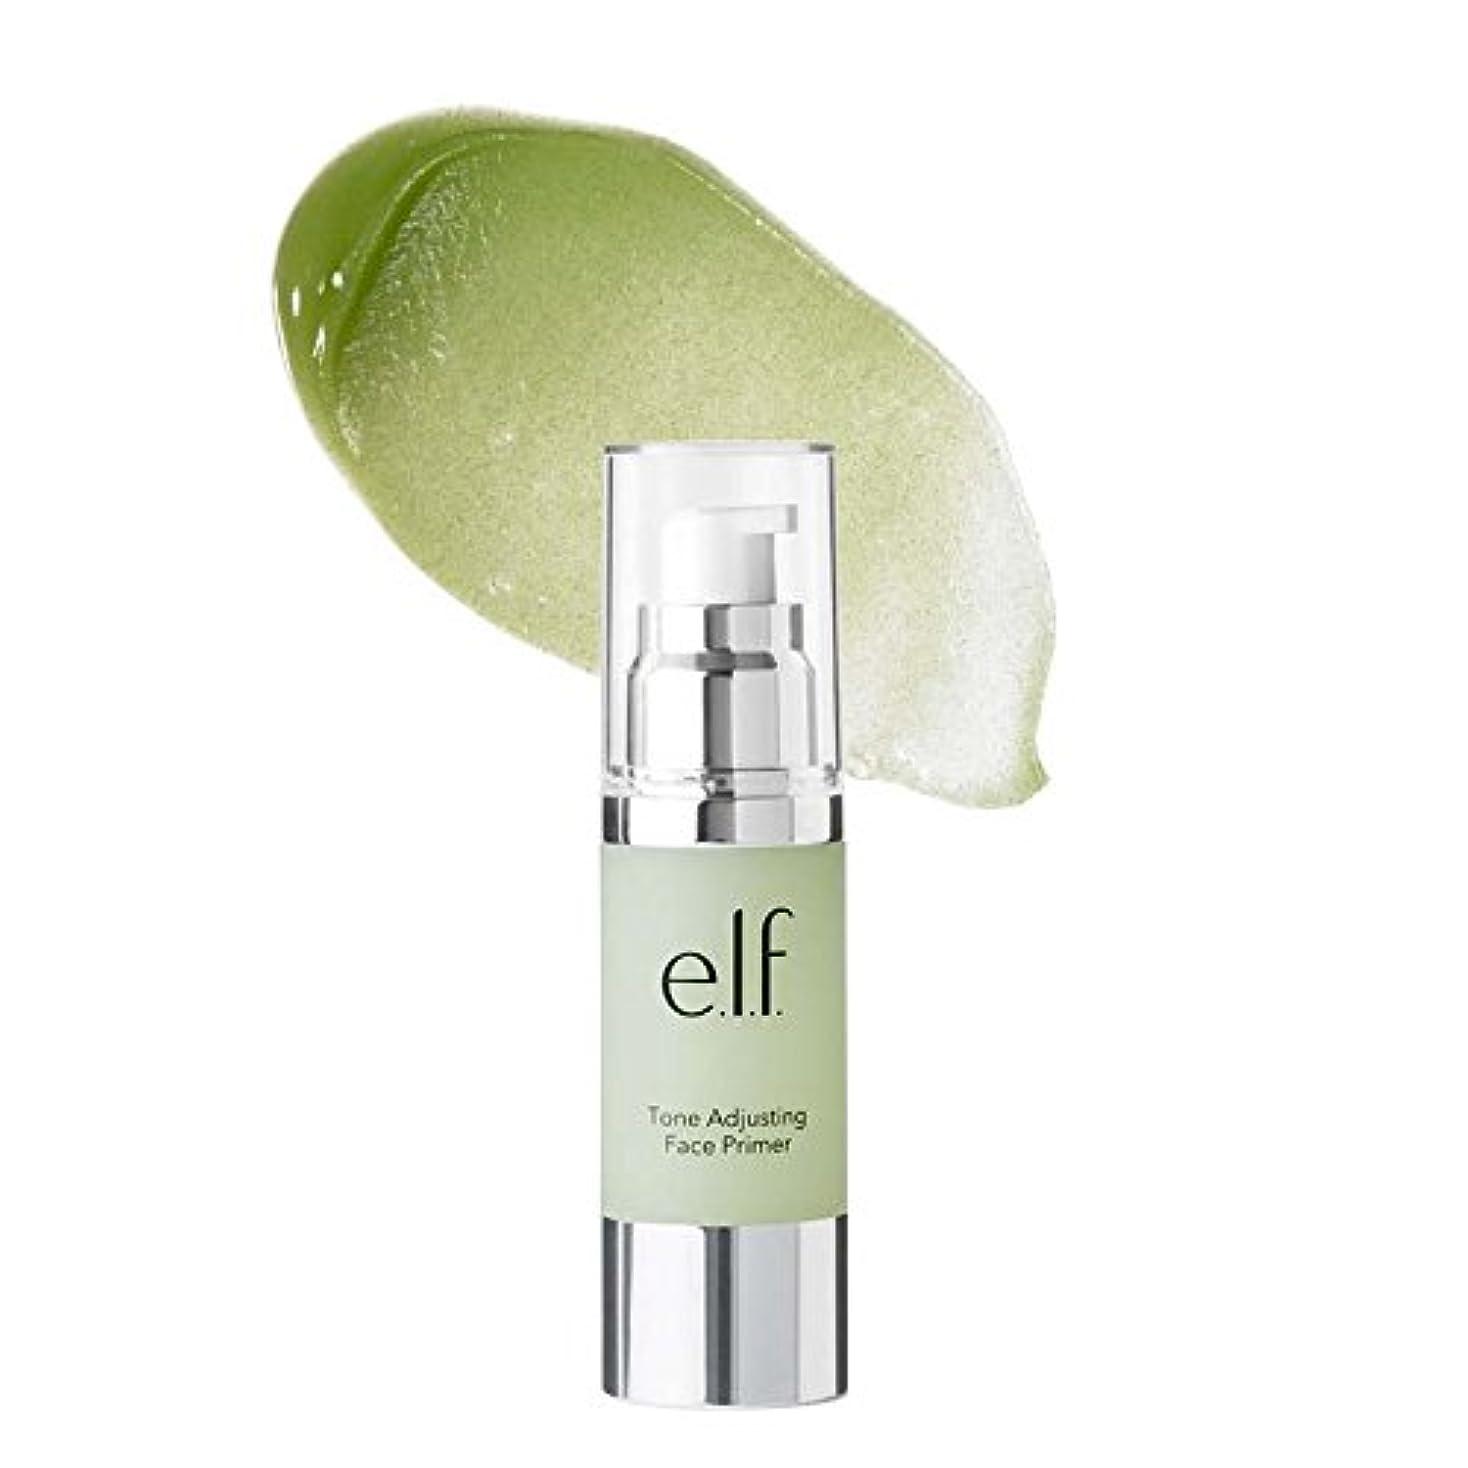 宿掃除象e.l.f. Tone Adjusting Face Primer Large - Neutralizing Green (並行輸入品)